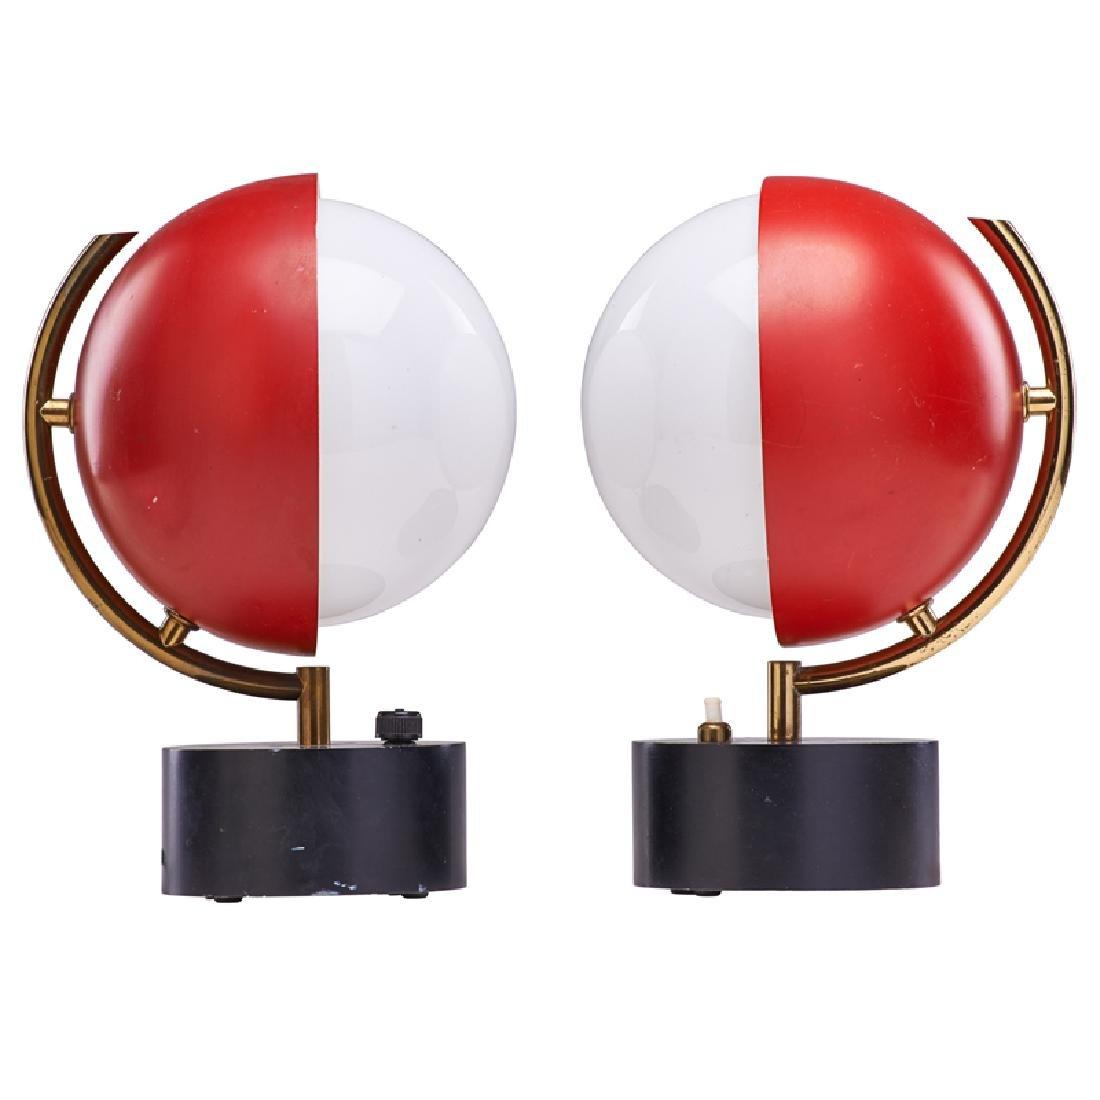 ANGELO LELII; ARREDOLUCE Two pivoting lamps